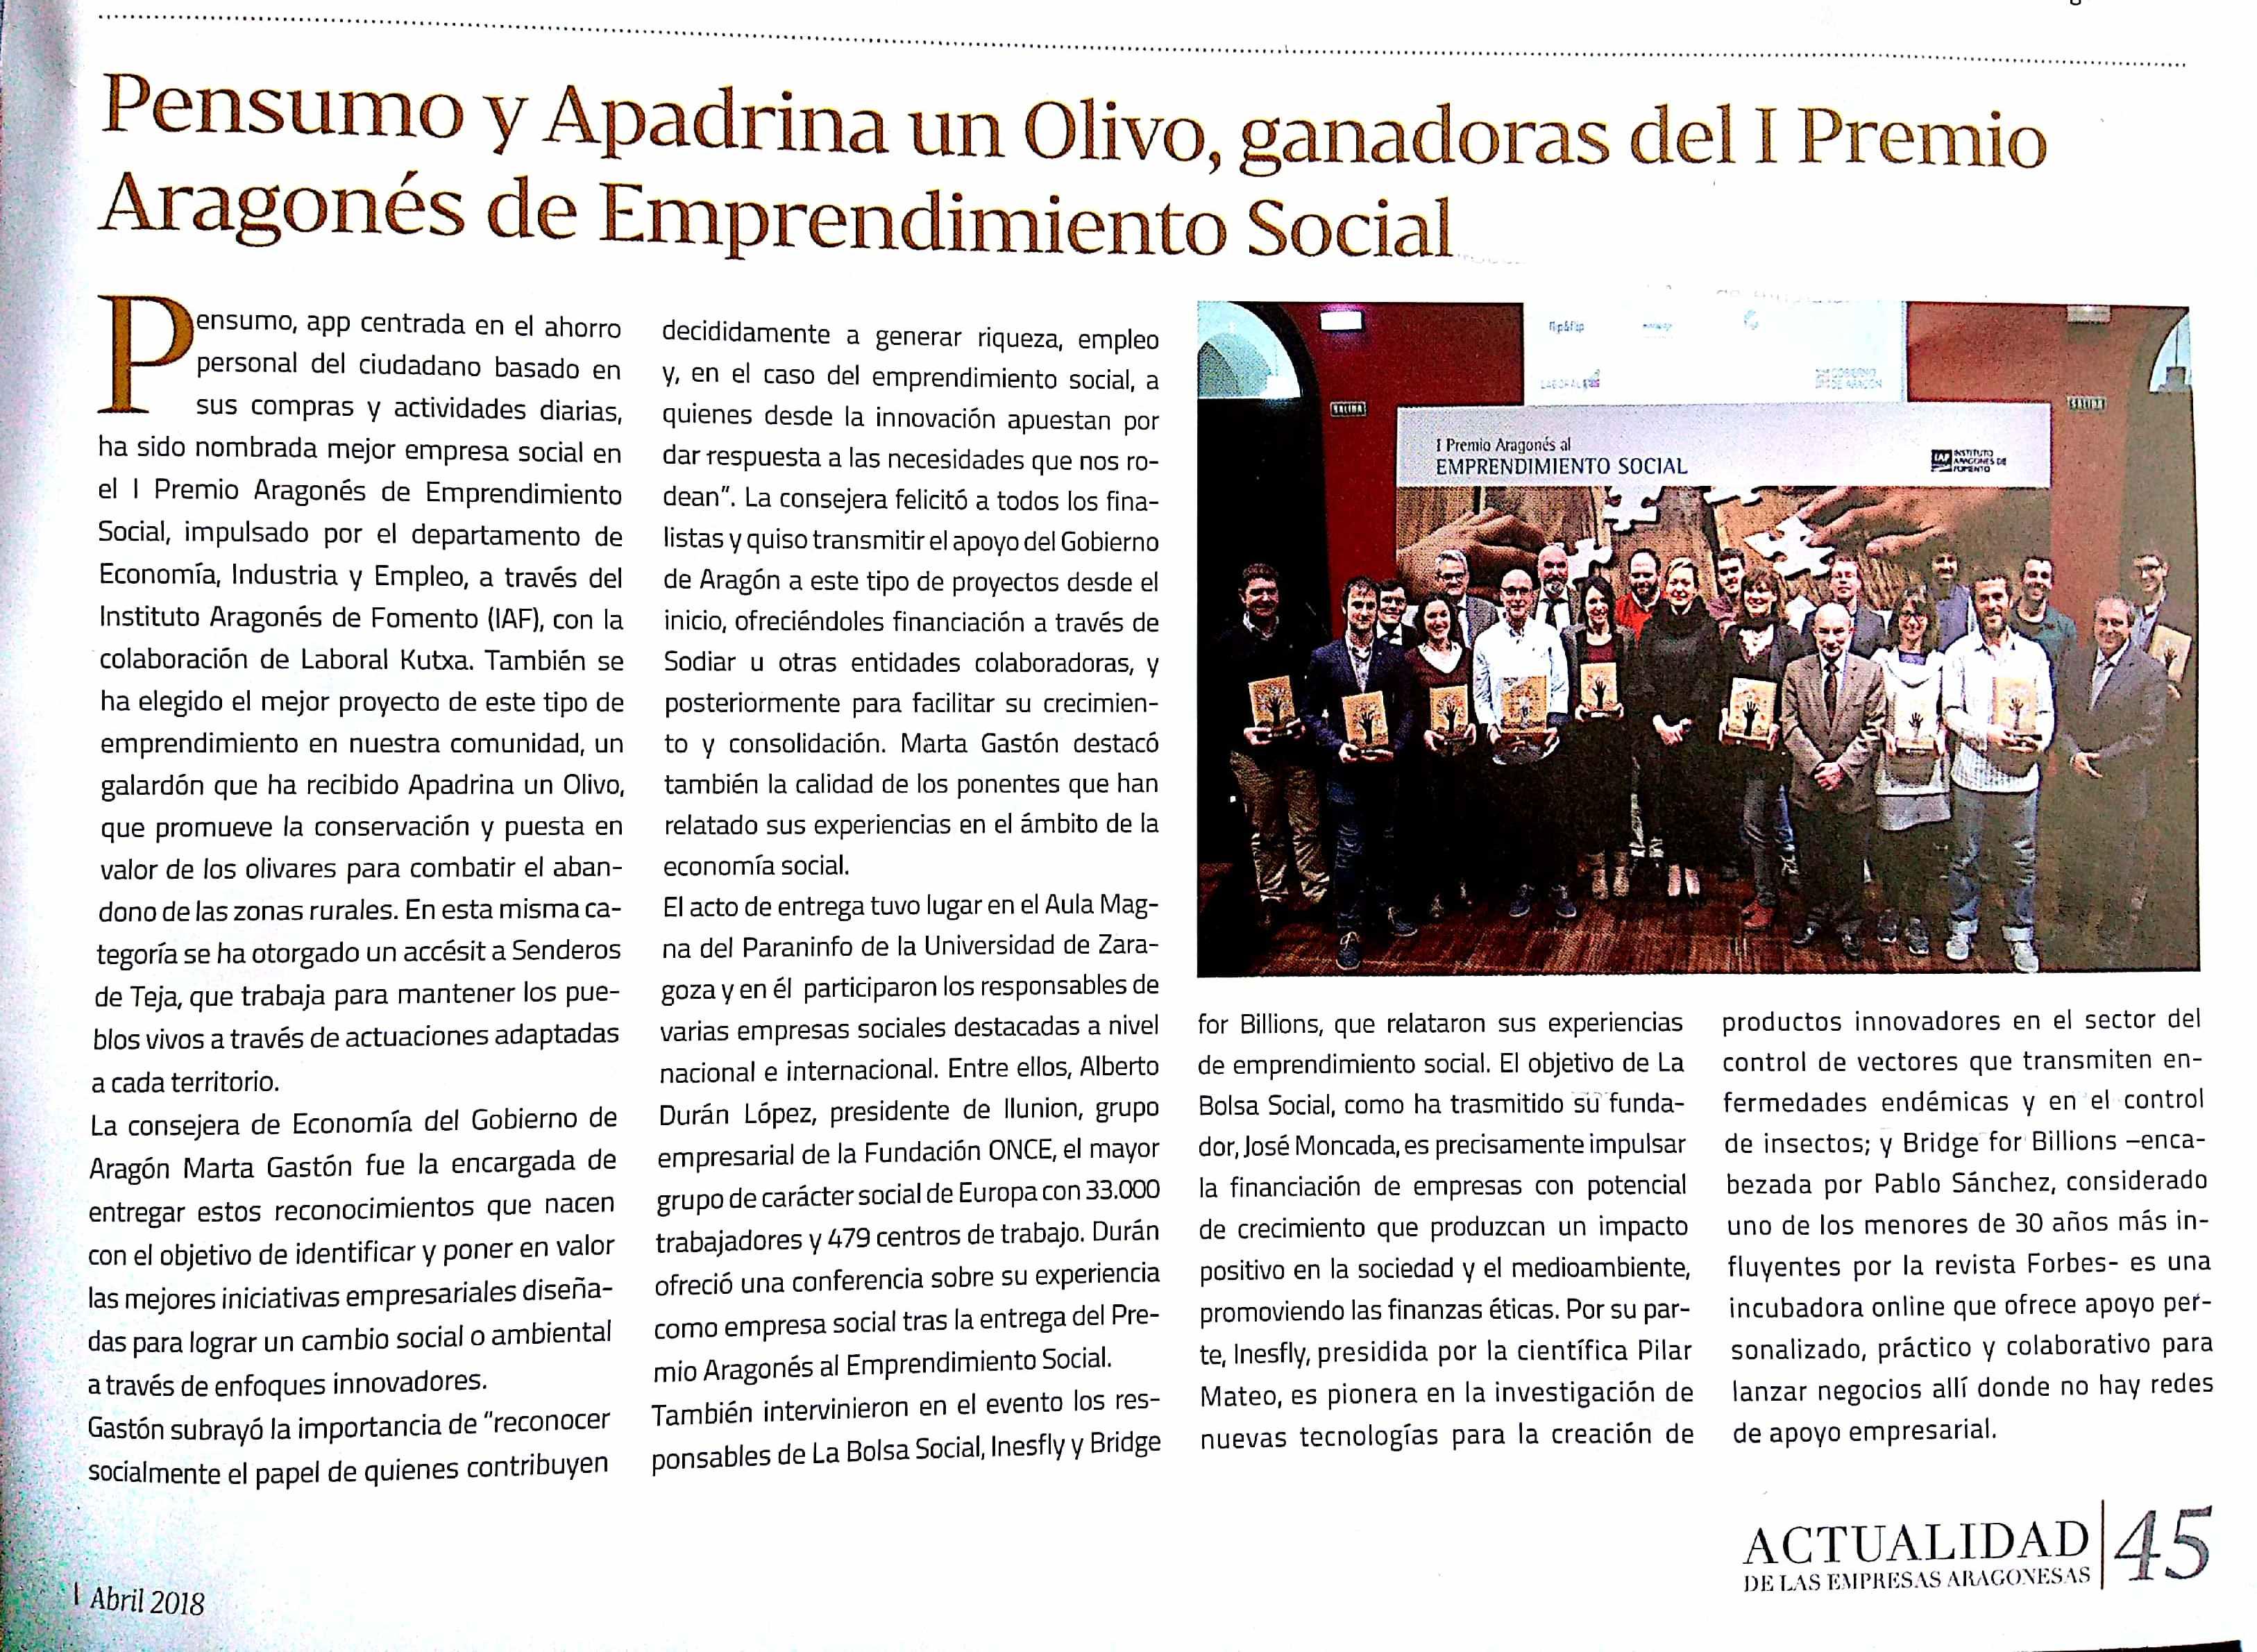 """El Premio al Emprendimiento Social a Pensumo, en la revista """"Actualidad de las Empresas Aragonesas"""""""